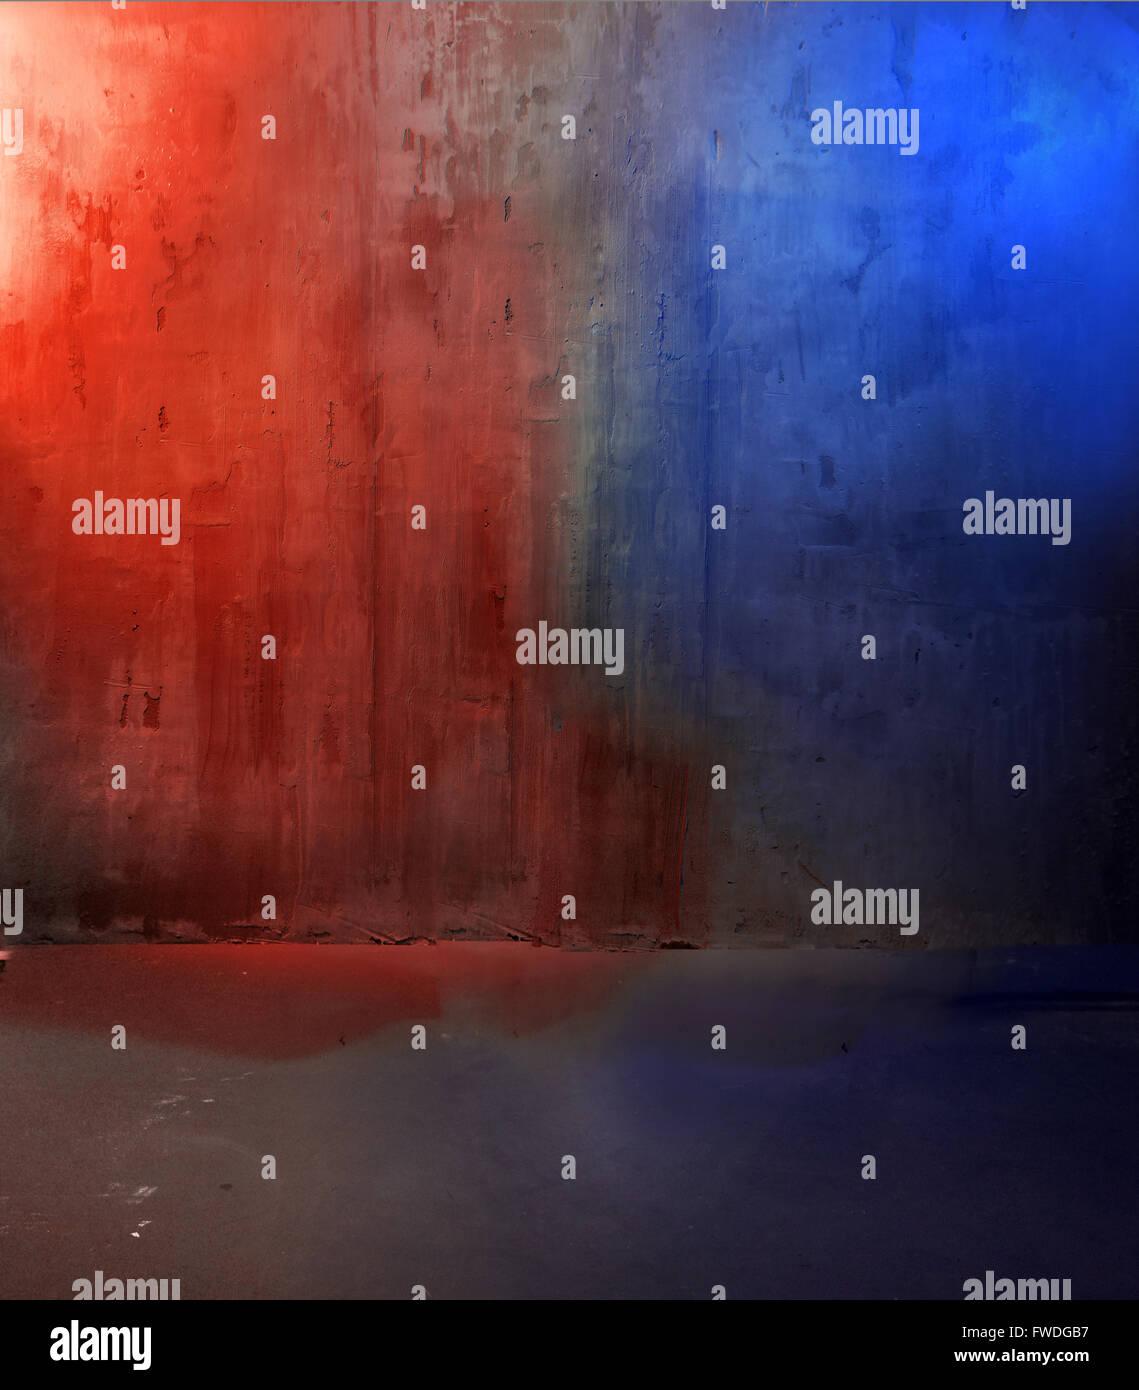 Foto de una sucia pared de hormigón Imagen De Stock